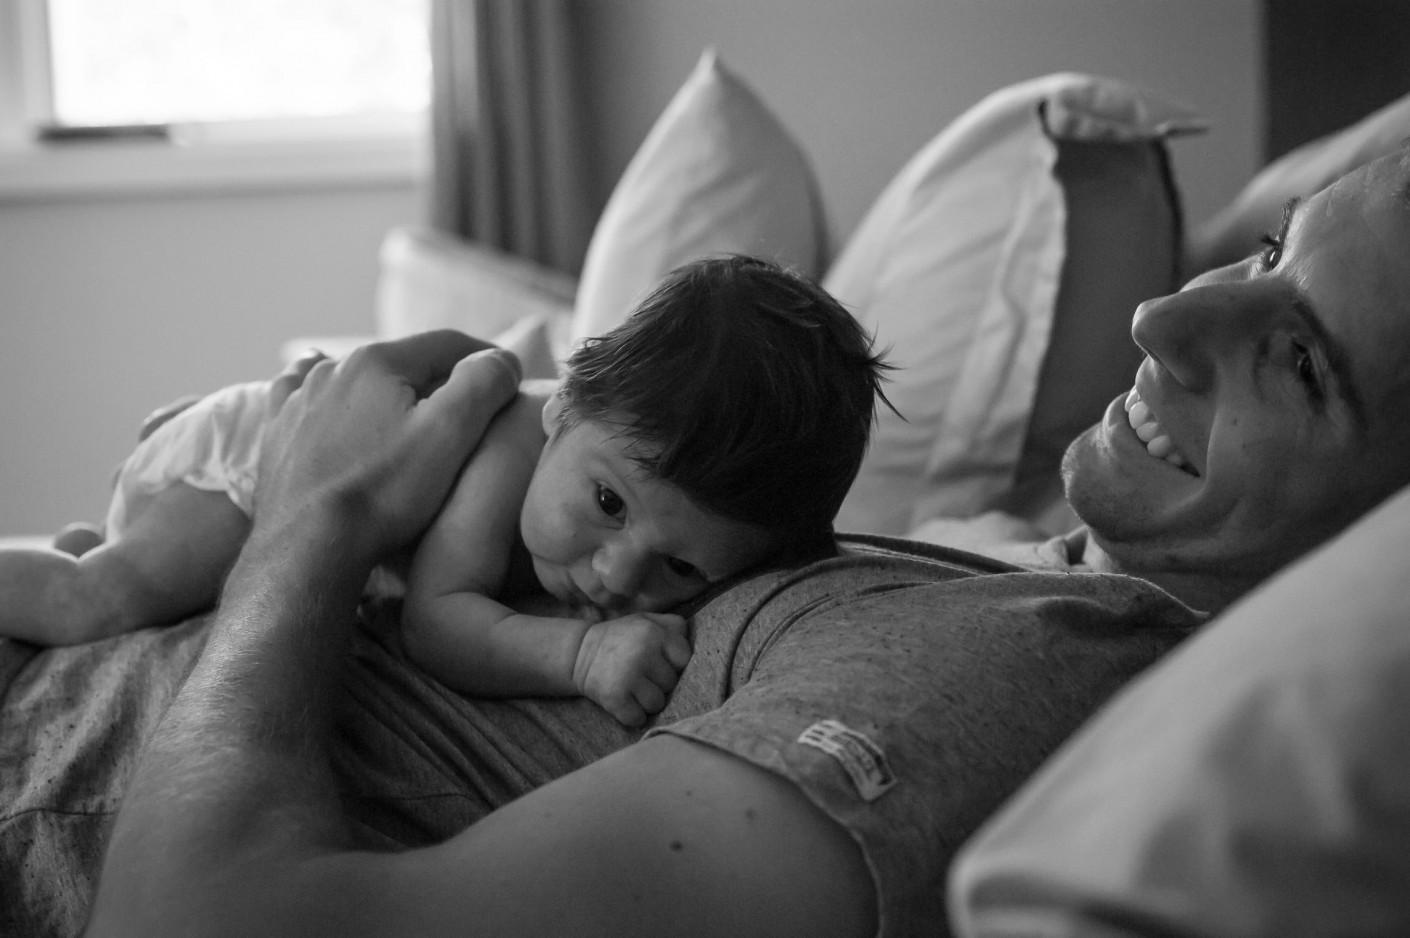 Bébé : La fragilité sur la force -, KW: Papa